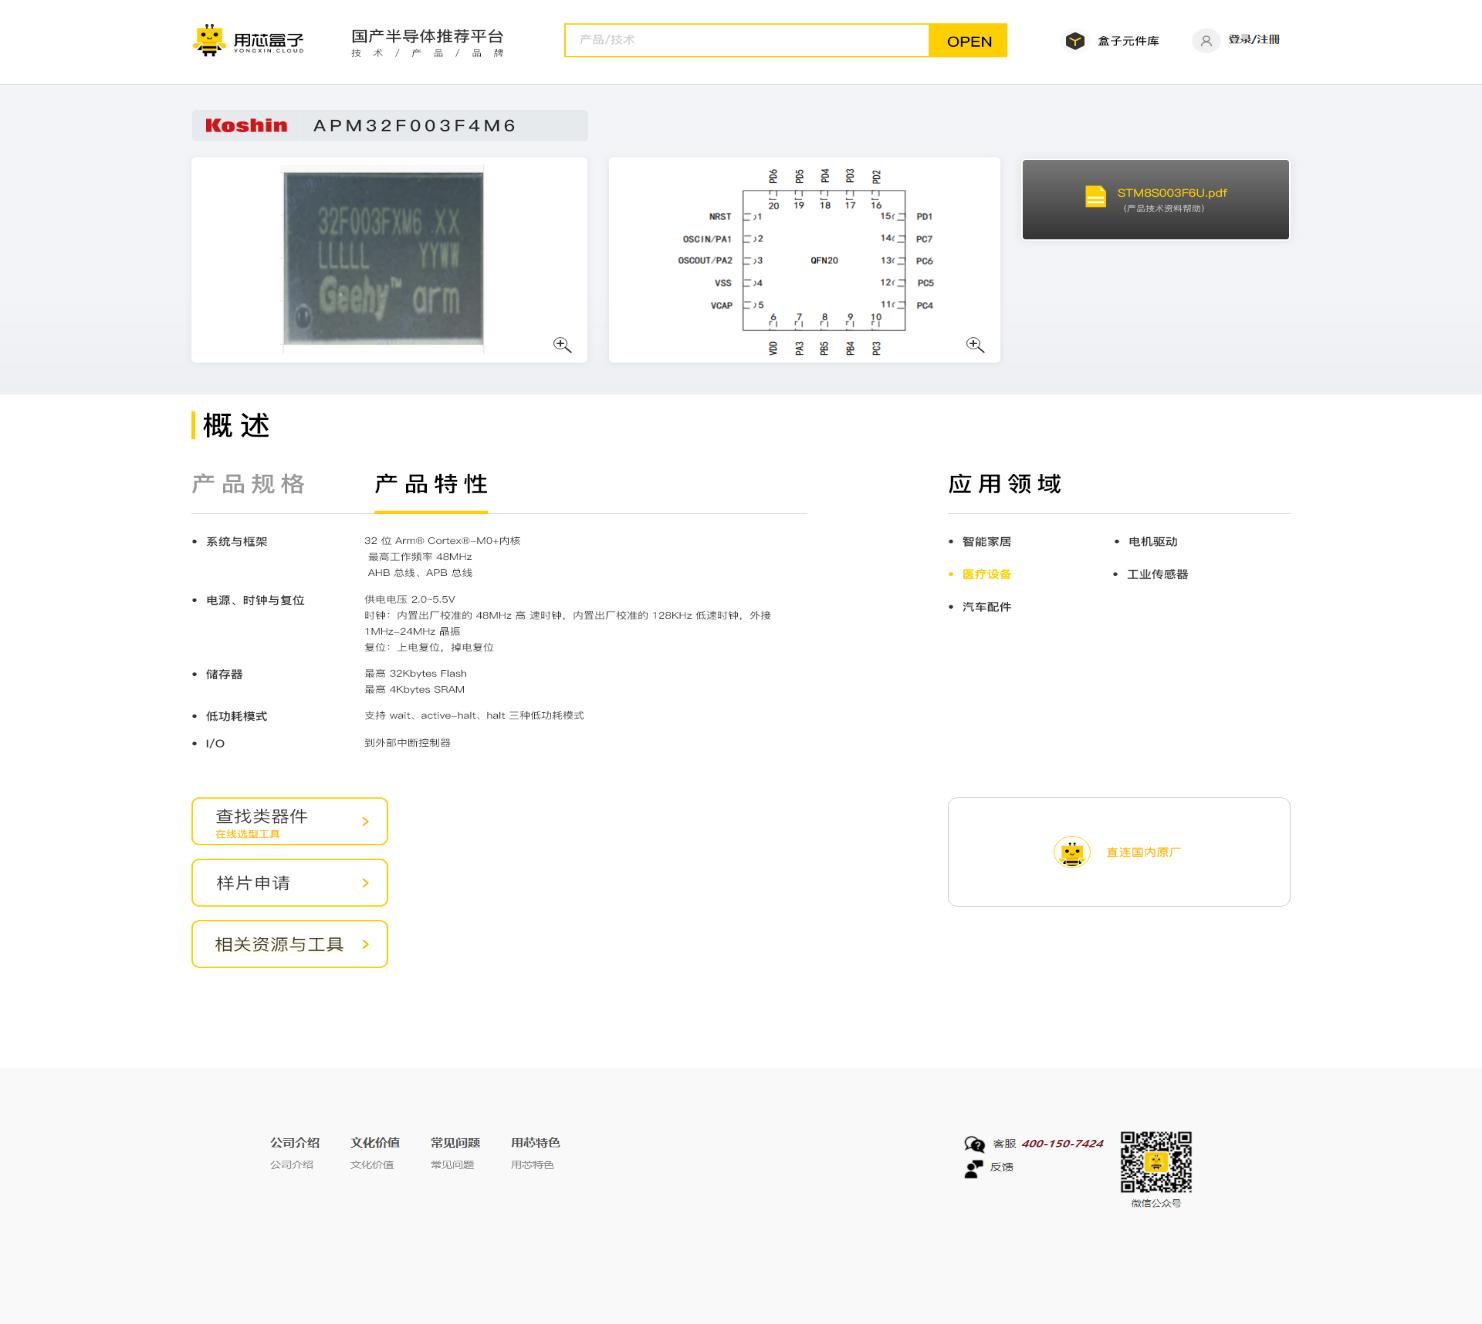 用芯盒子新版正式发布,国产芯片替代一站式搜索